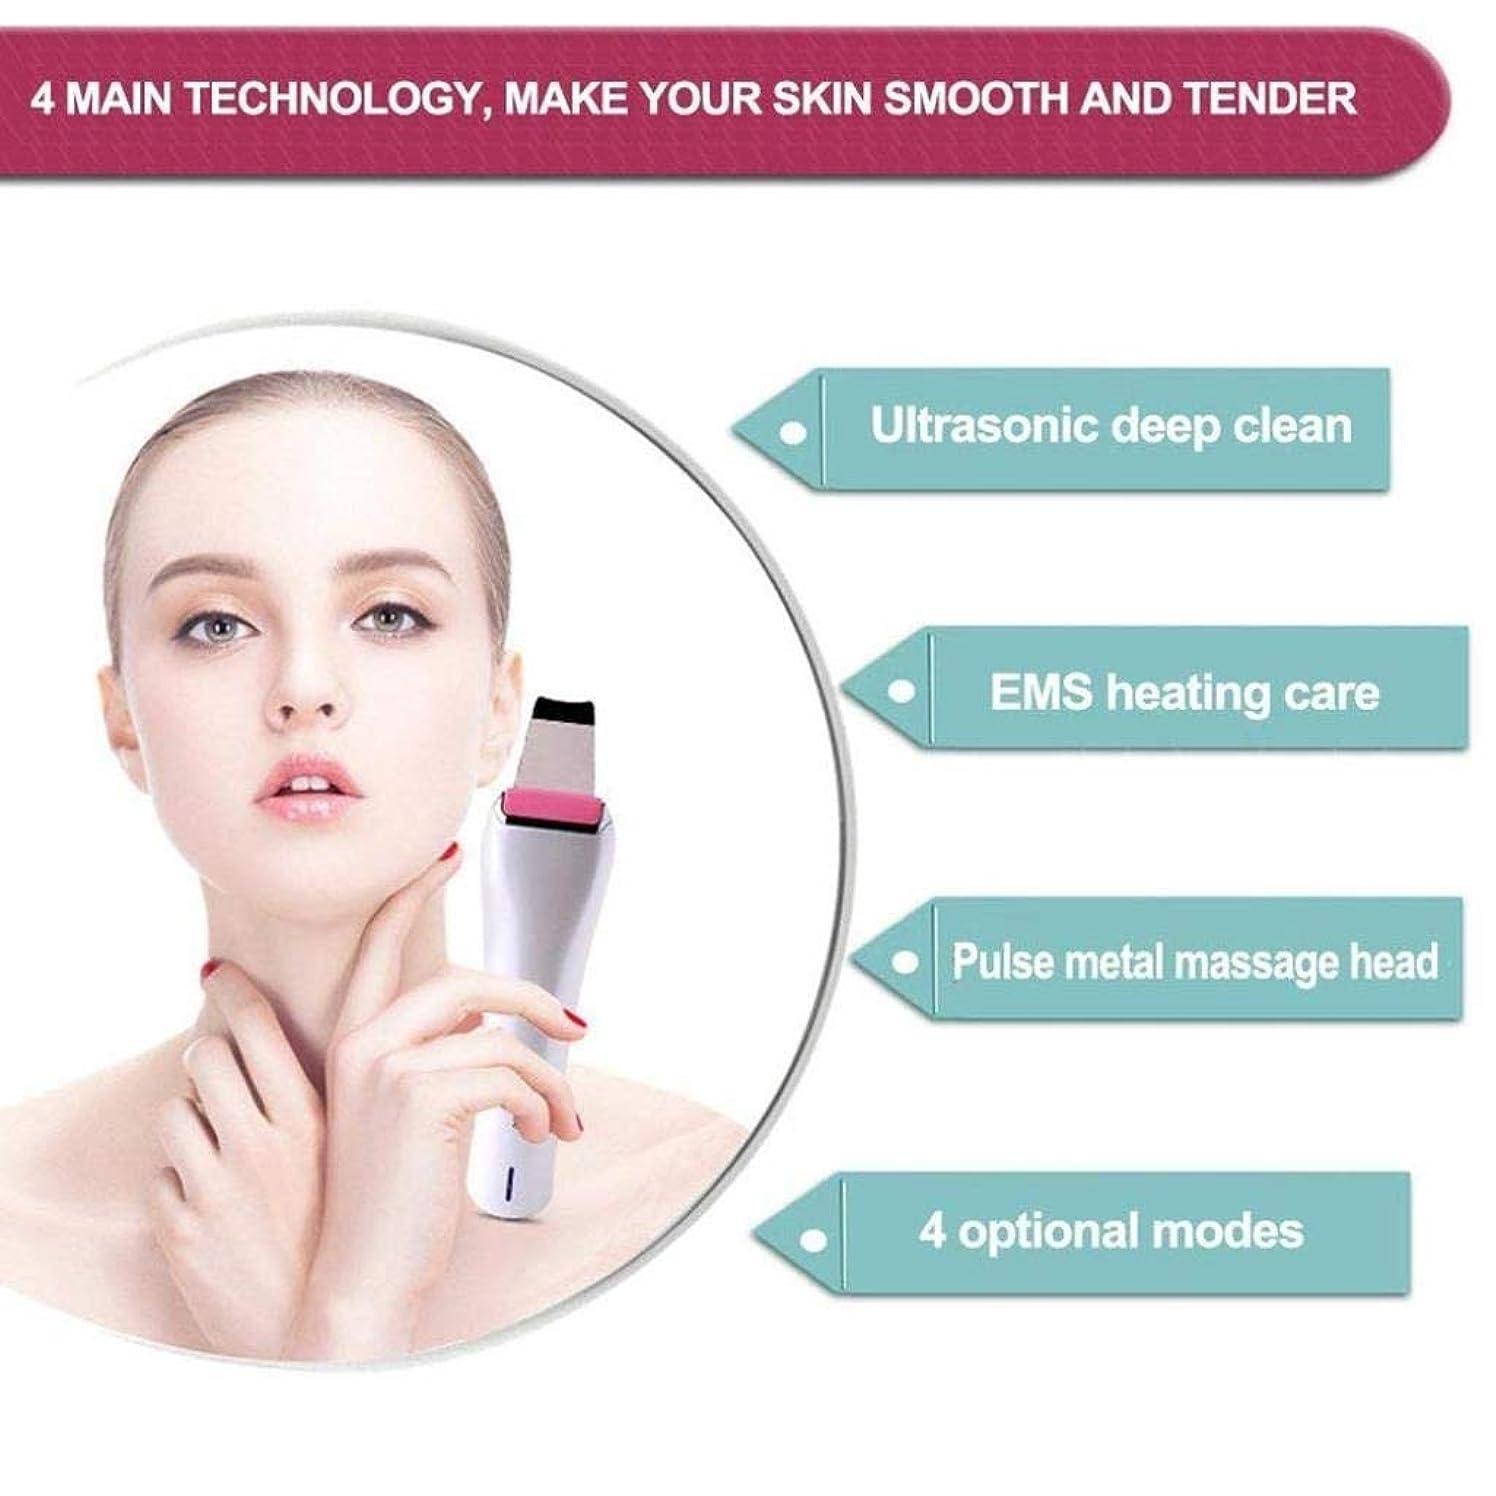 汗硬化するスイス人顔のスキンケア顔の振動マッサージャーのクリーニング機械シャベルの皮機械アクネの皮のスクラバー